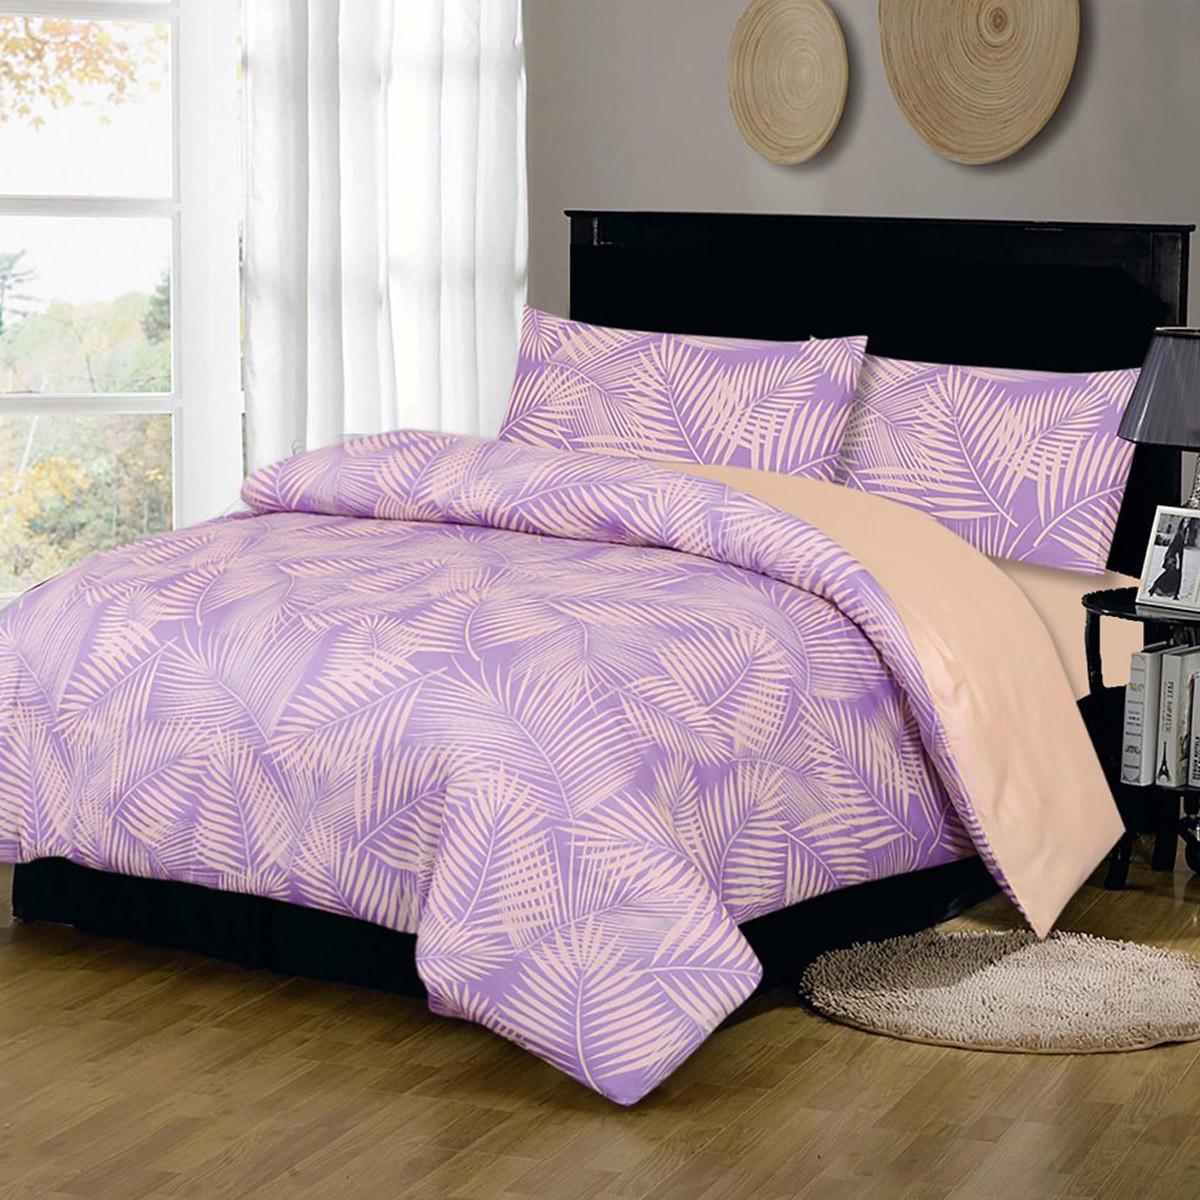 Σεντόνια Υπέρδιπλα (Σετ) Fennel P003B Lilac ΧΩΡΙΣ ΛΑΣΤΙΧΟ ΧΩΡΙΣ ΛΑΣΤΙΧΟ